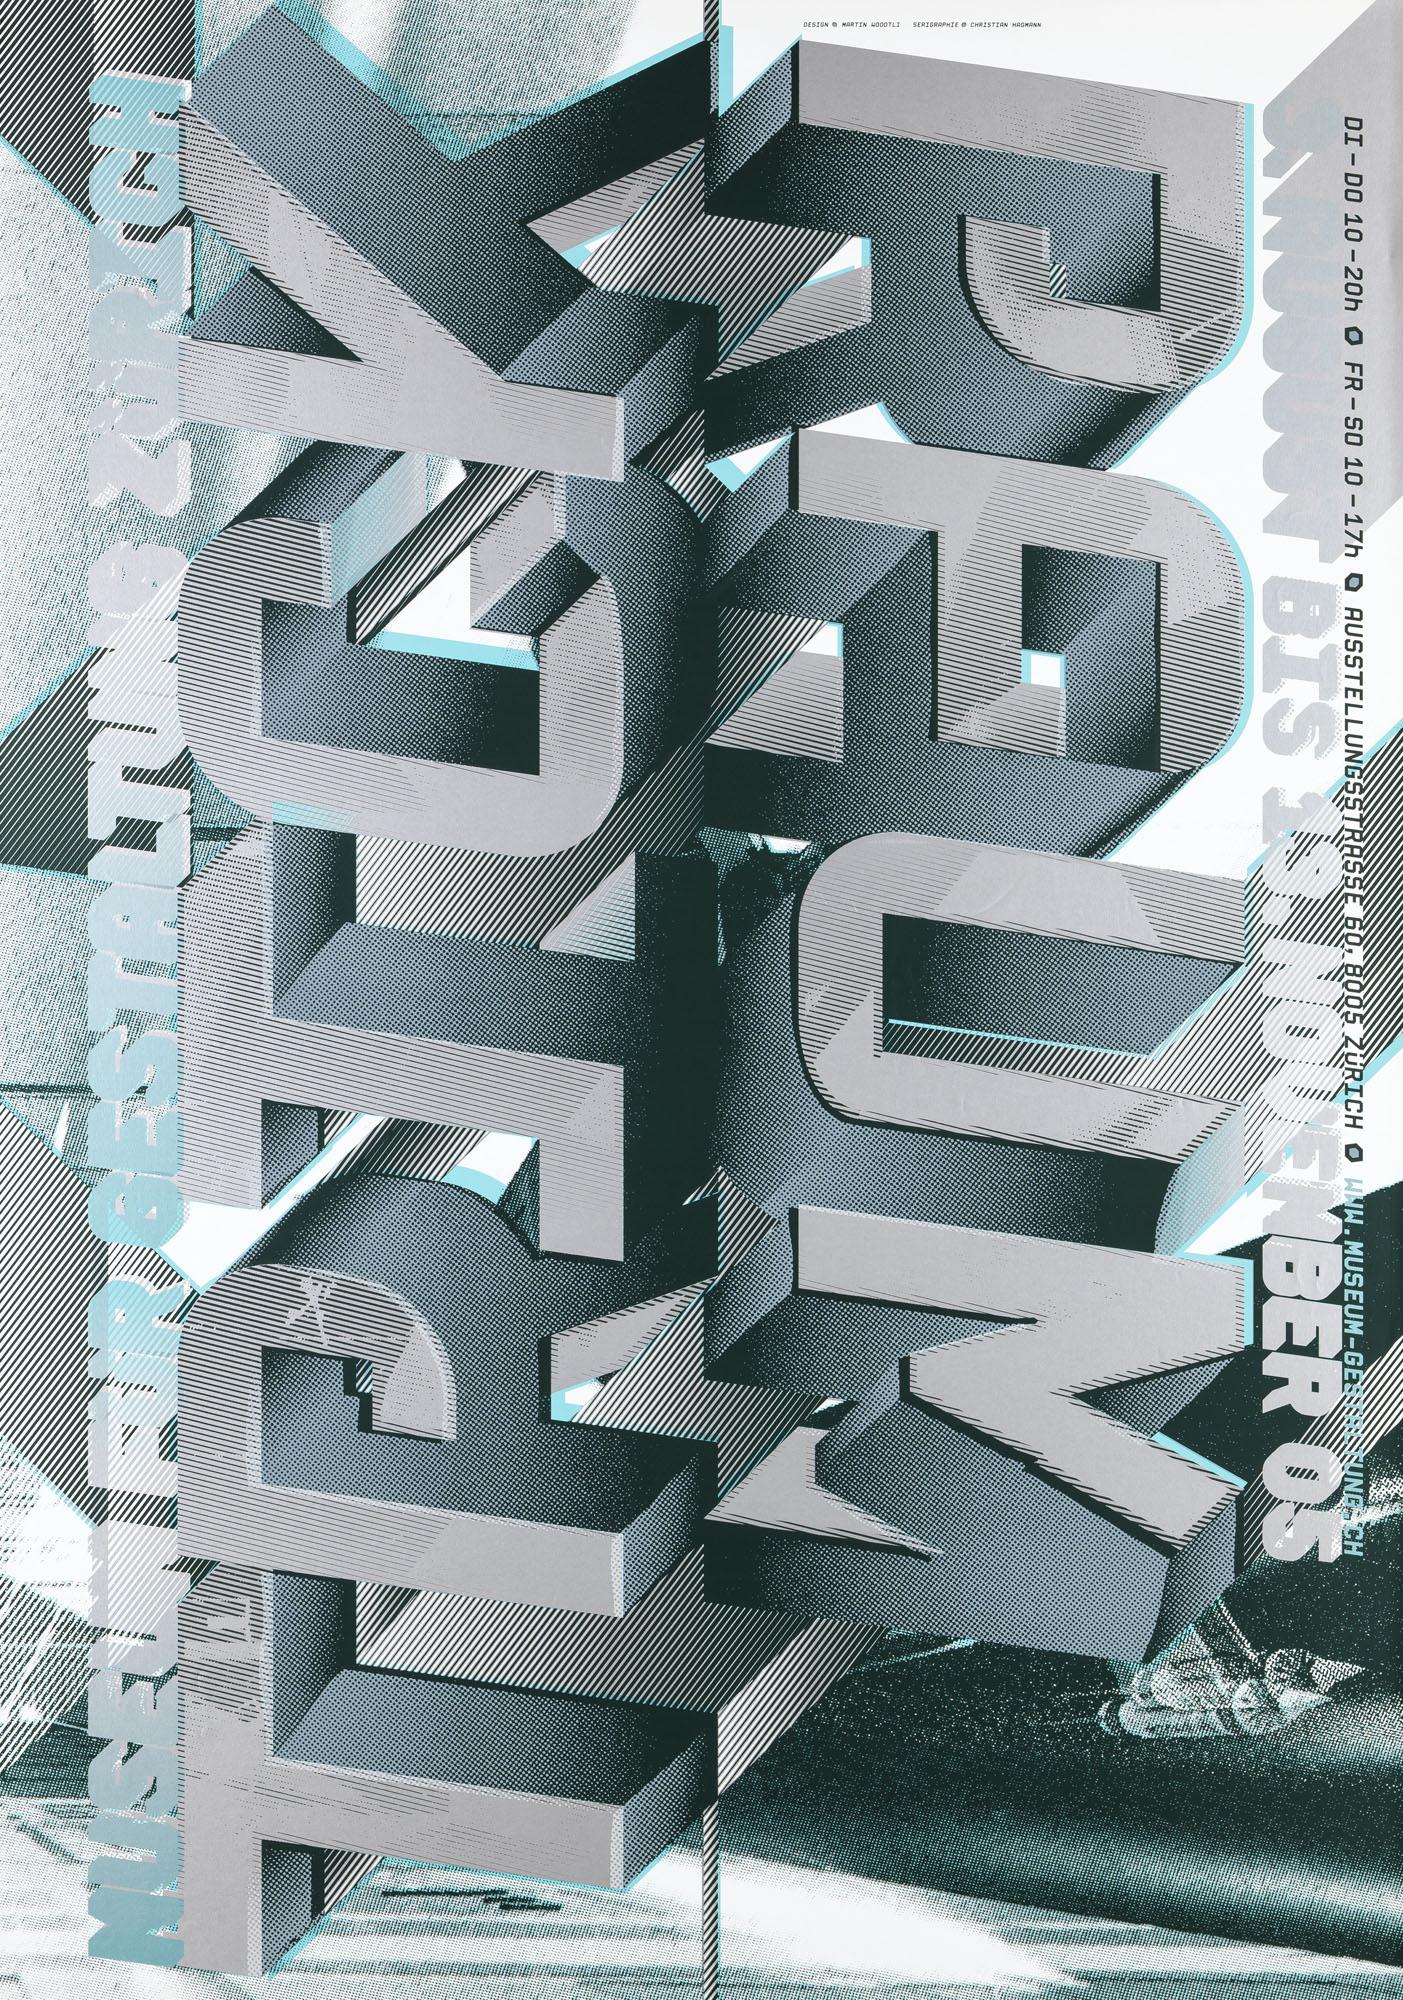 Einfach Komplex – Museum für Gestaltung Zürich Martin Woodtli Poster